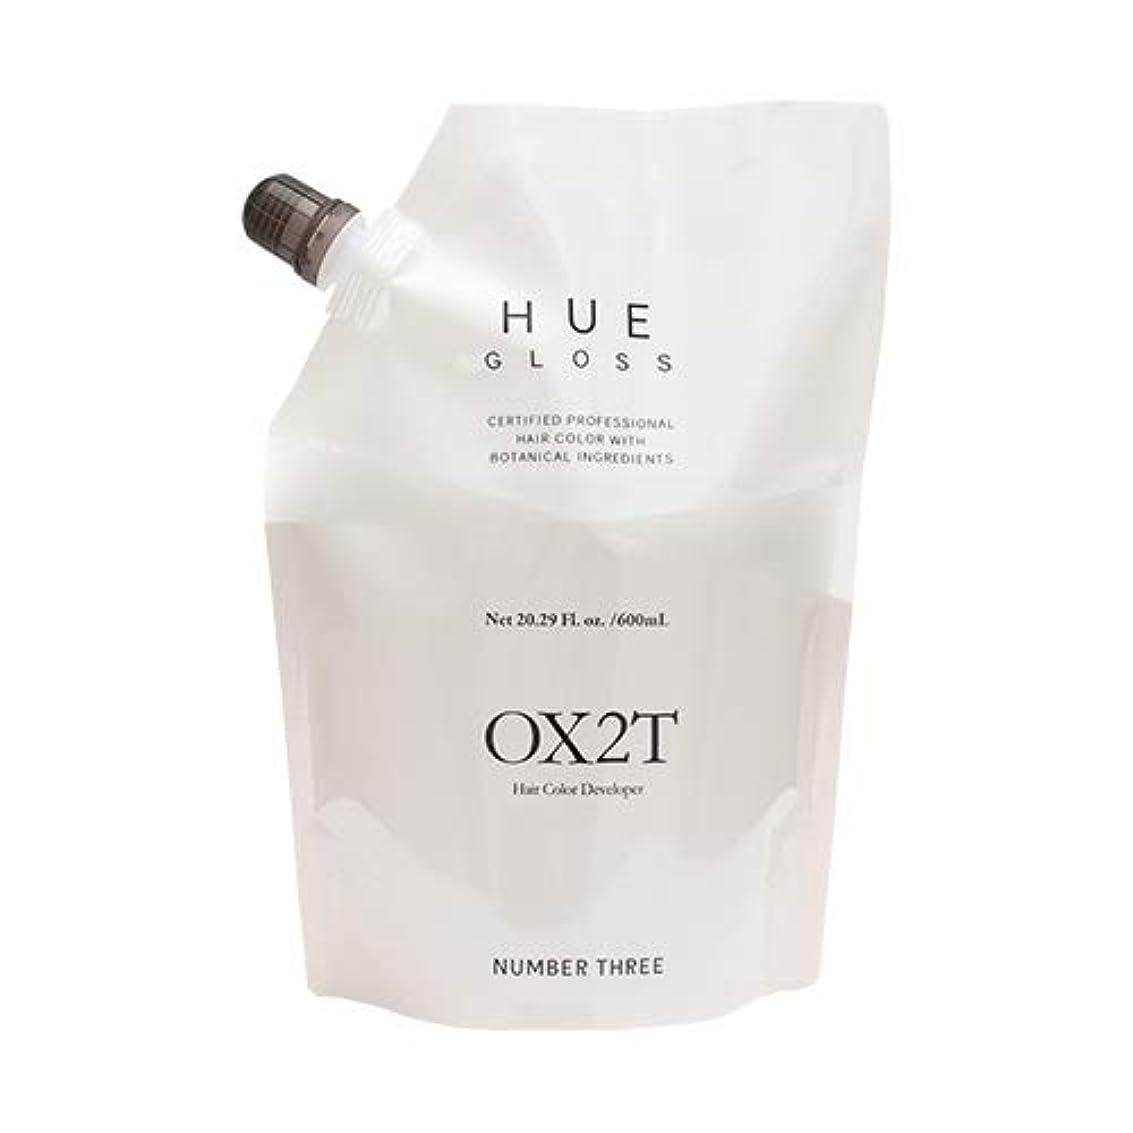 ツーリスト残高不足ナンバースリーヒュウ OX2T 600mL 酸化剤(過酸化水素2%) 第2剤